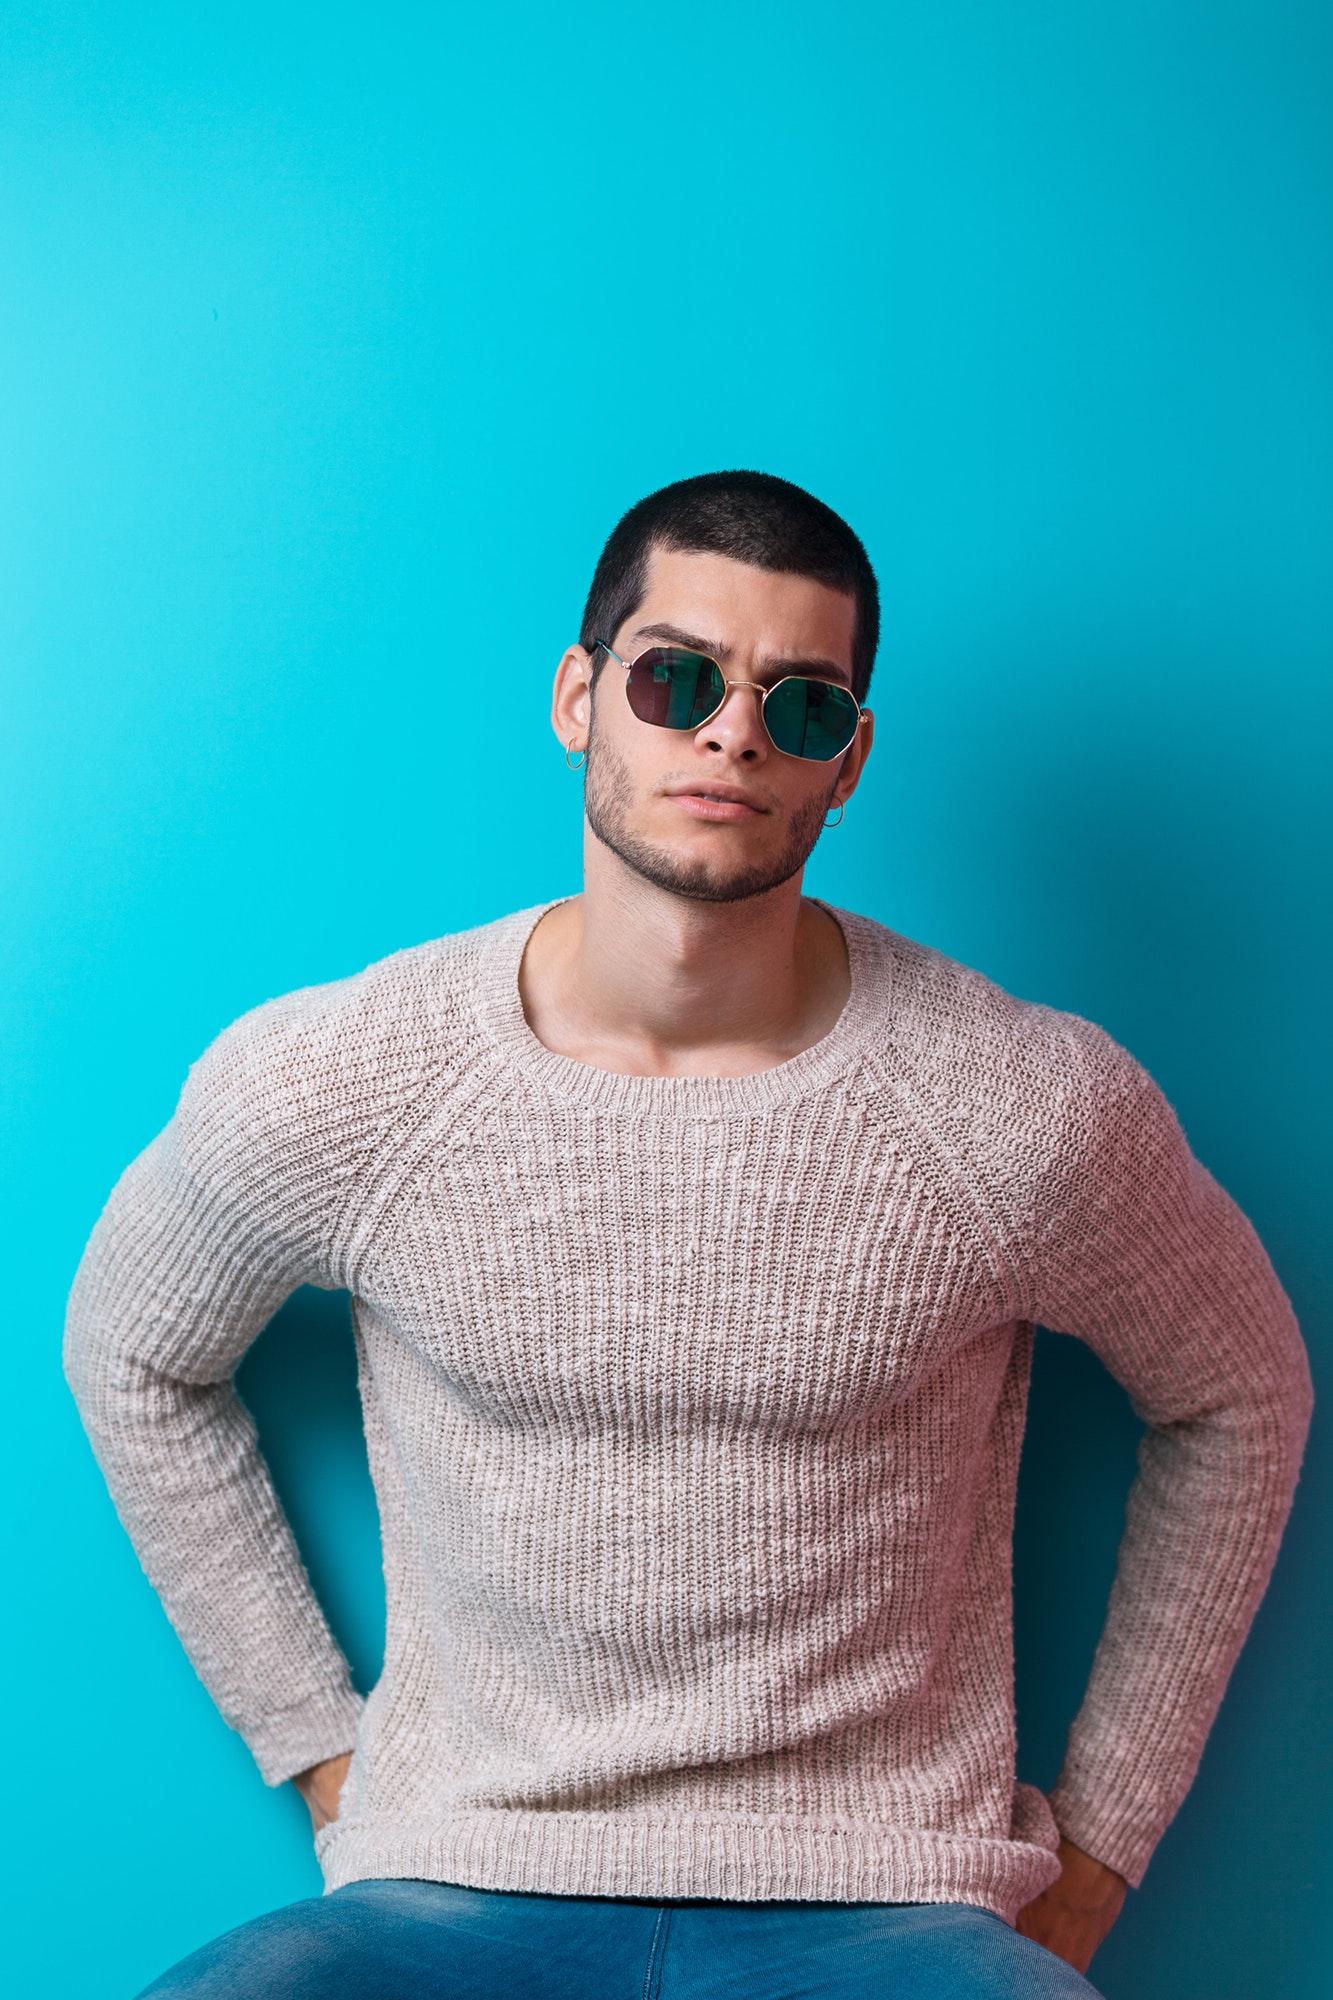 טיפים על משקפי שמש לגברים